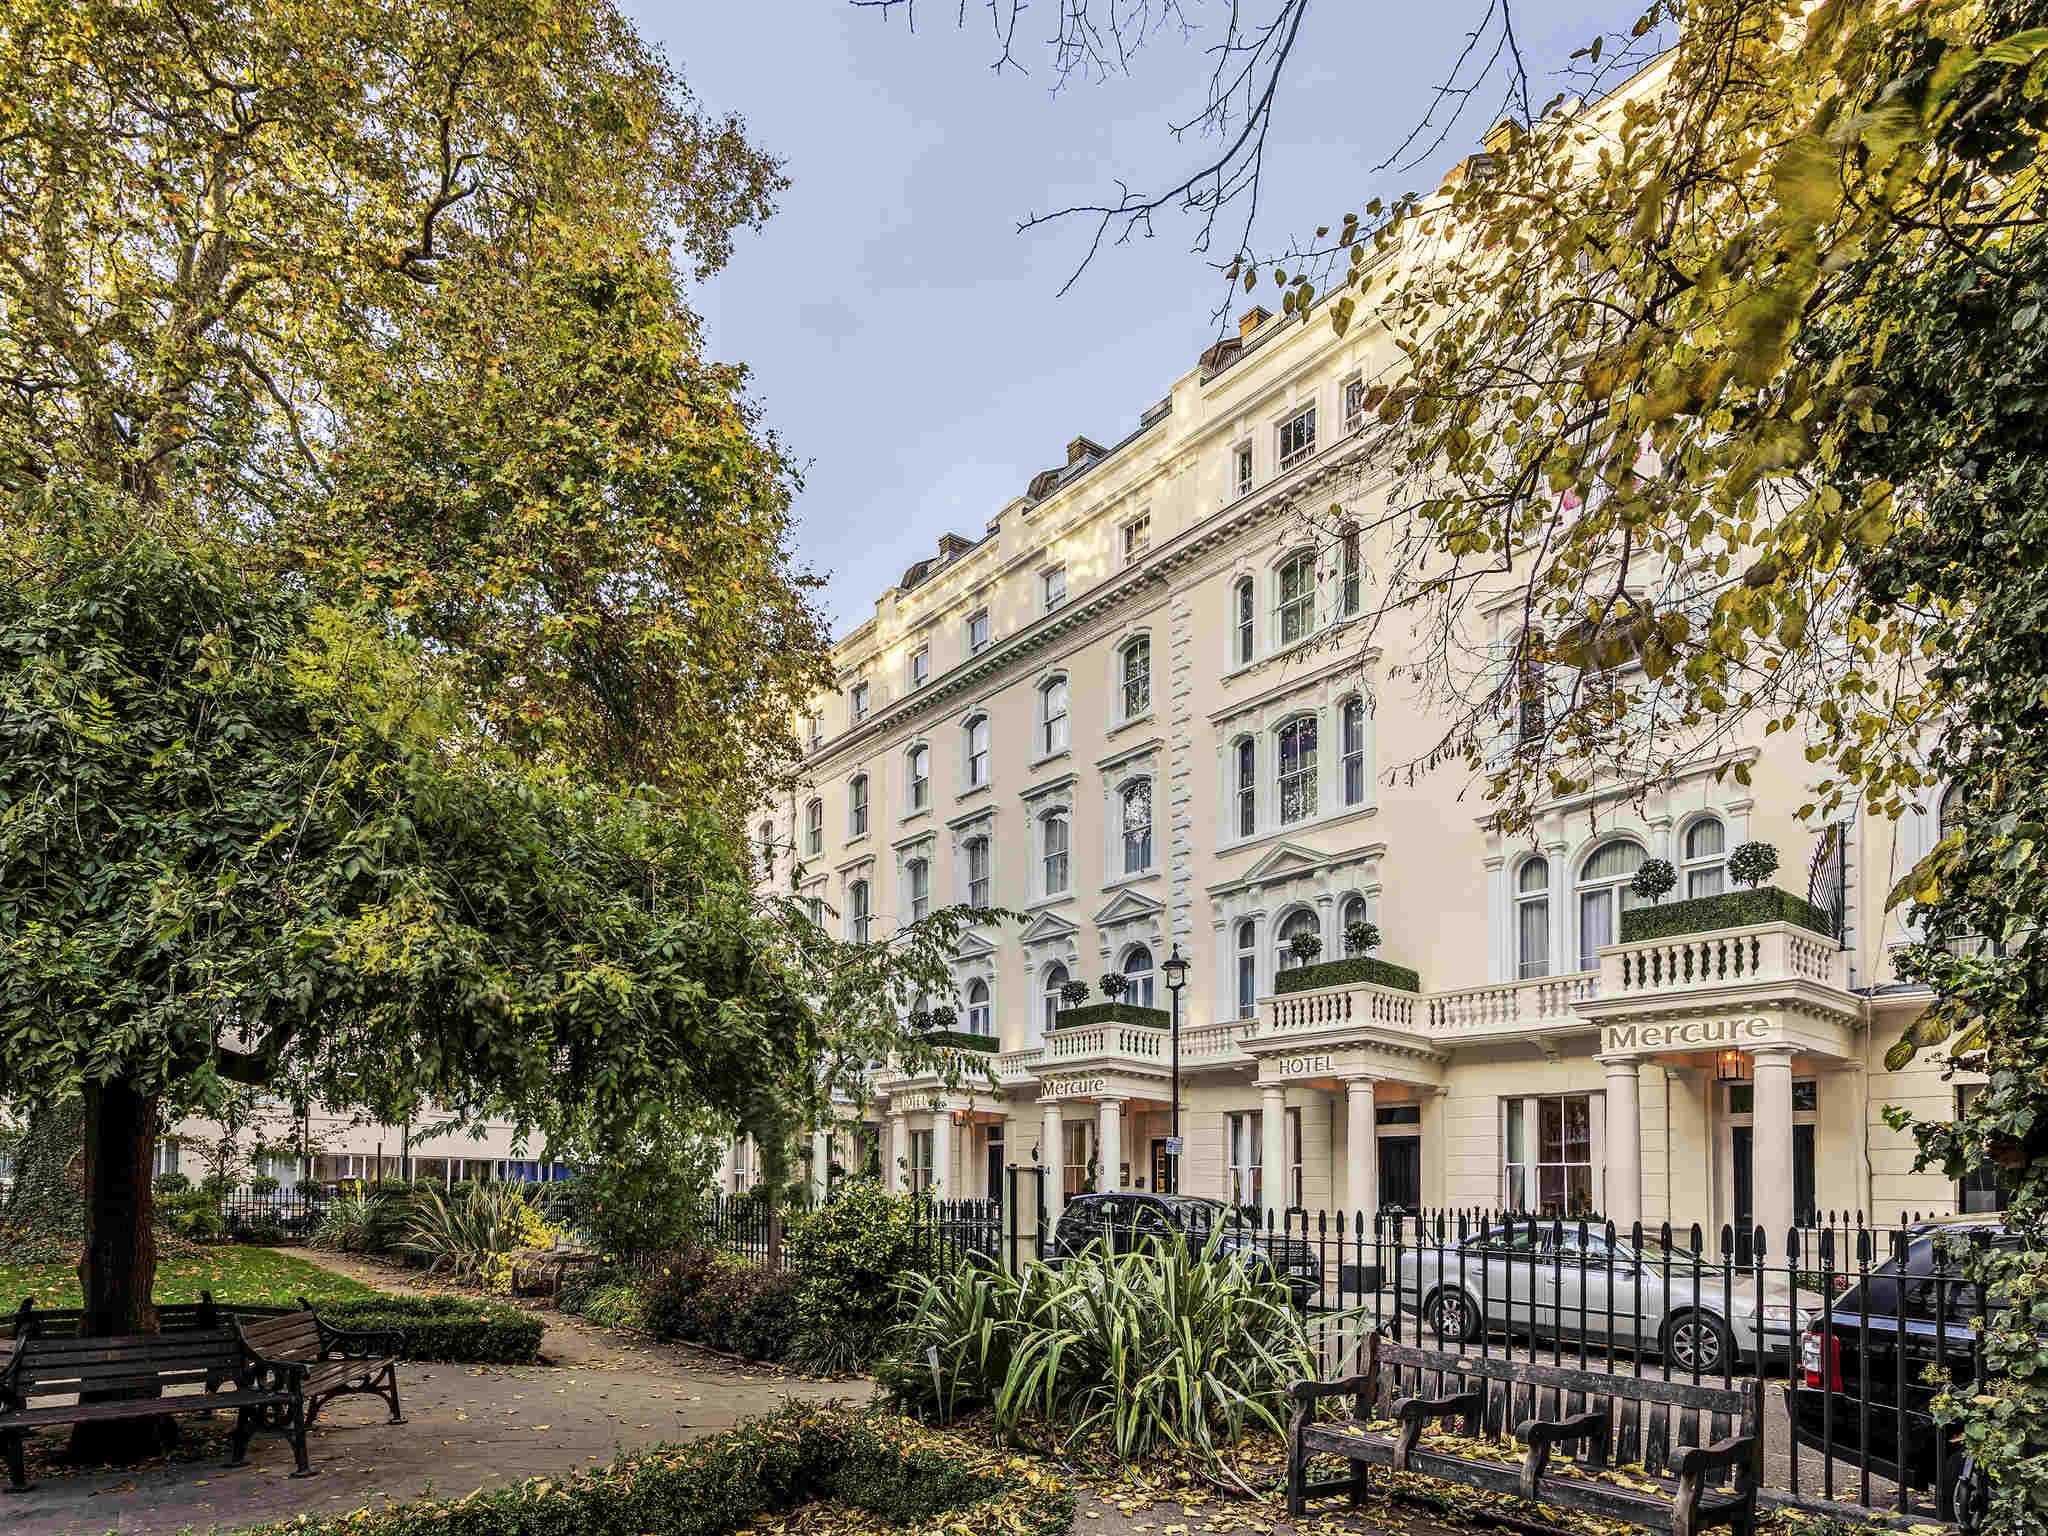 فندق - فندق مركيور Mercure لندن هايد بارك